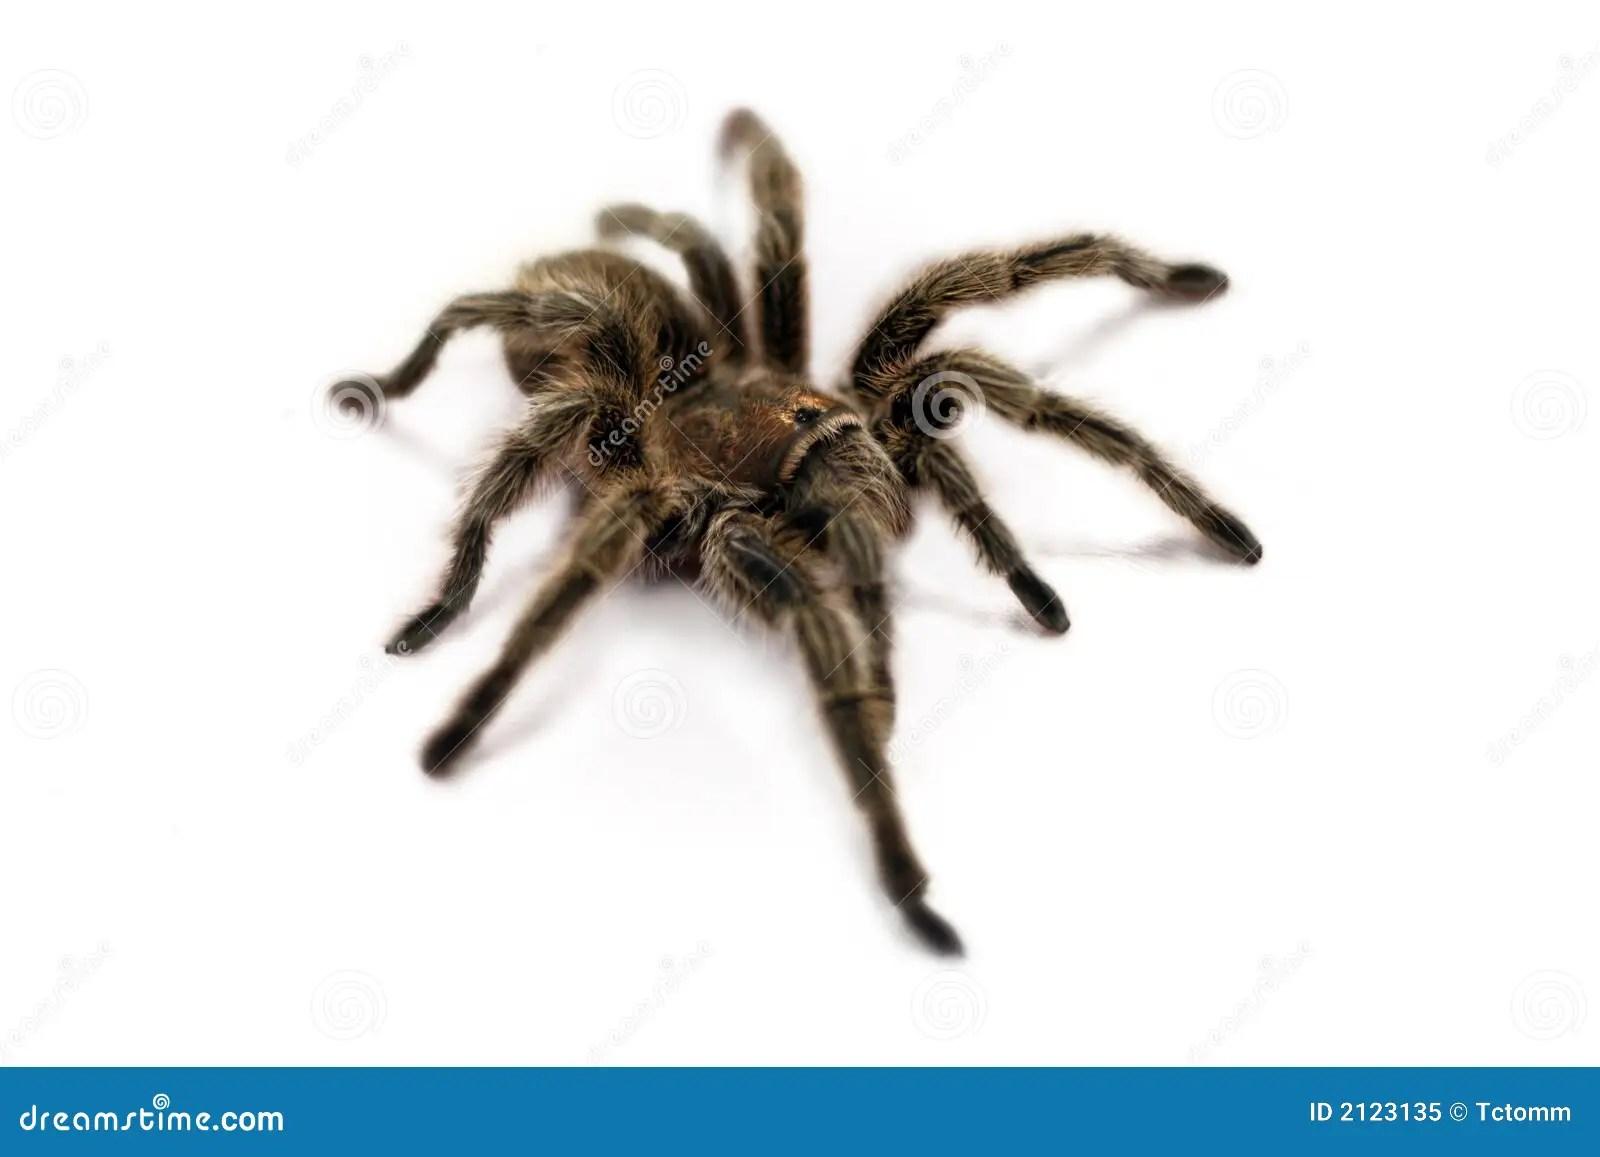 tarantula spider white bg